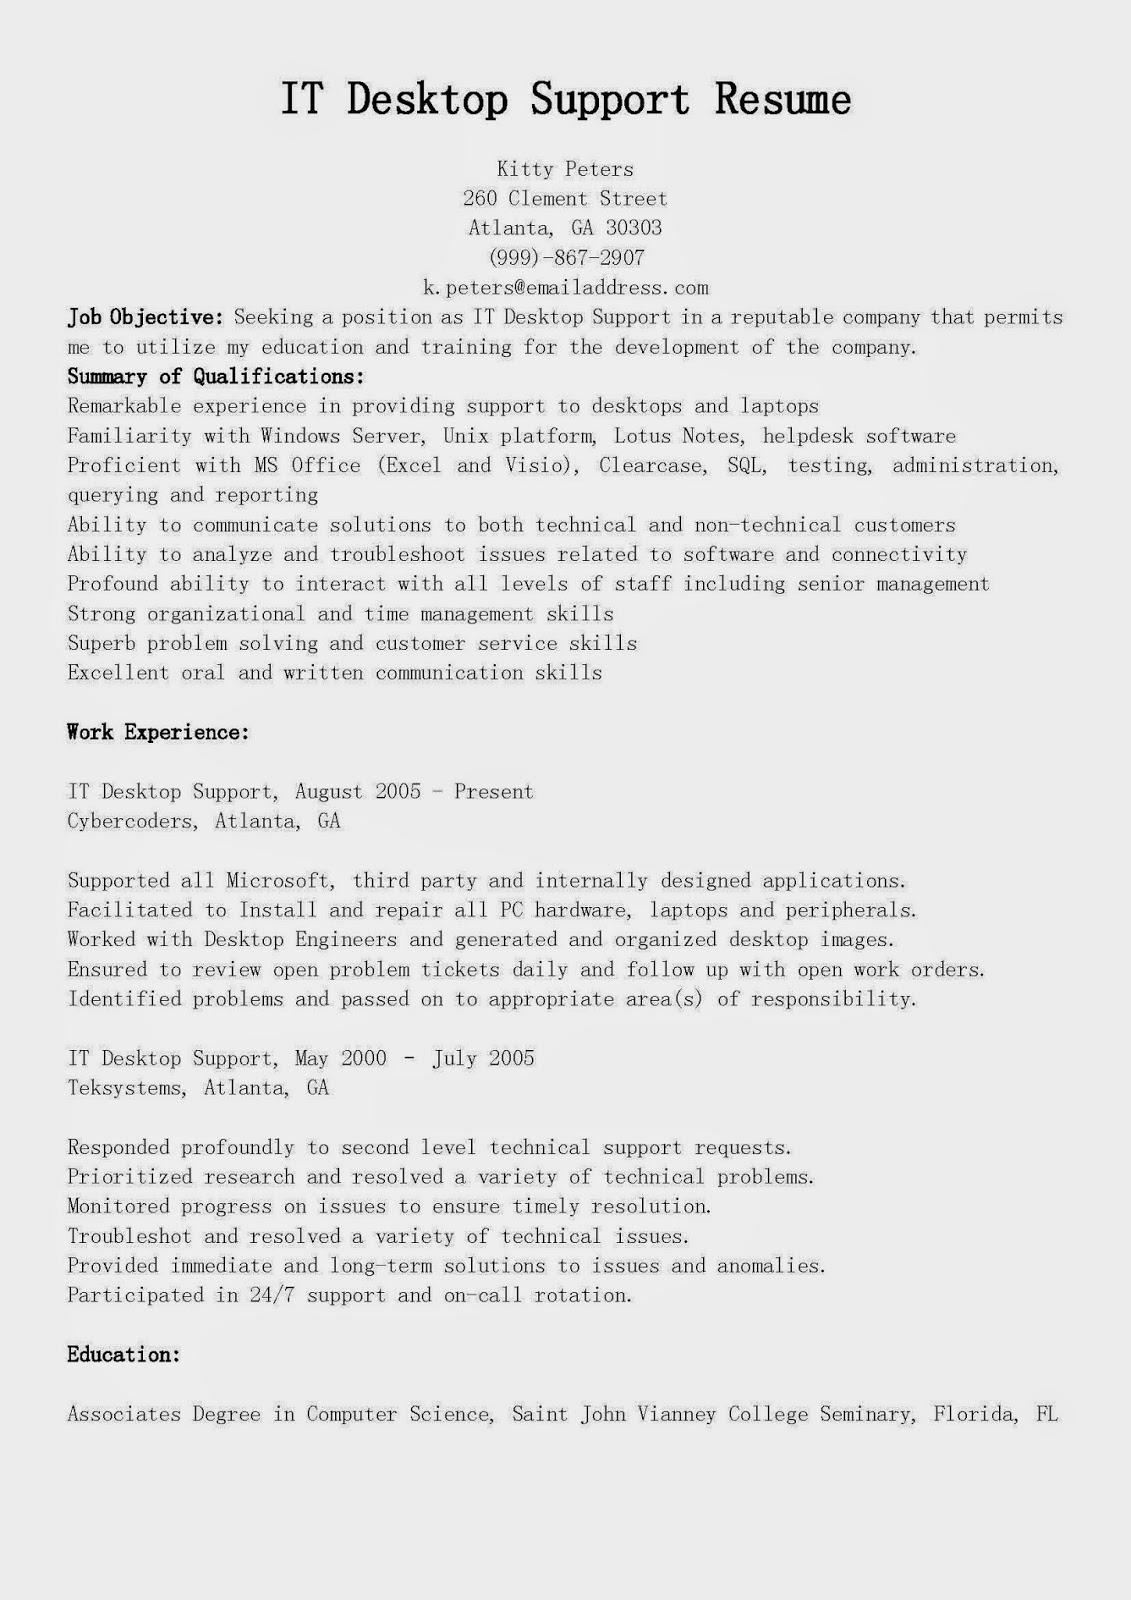 resume samples it desktop support resume sample